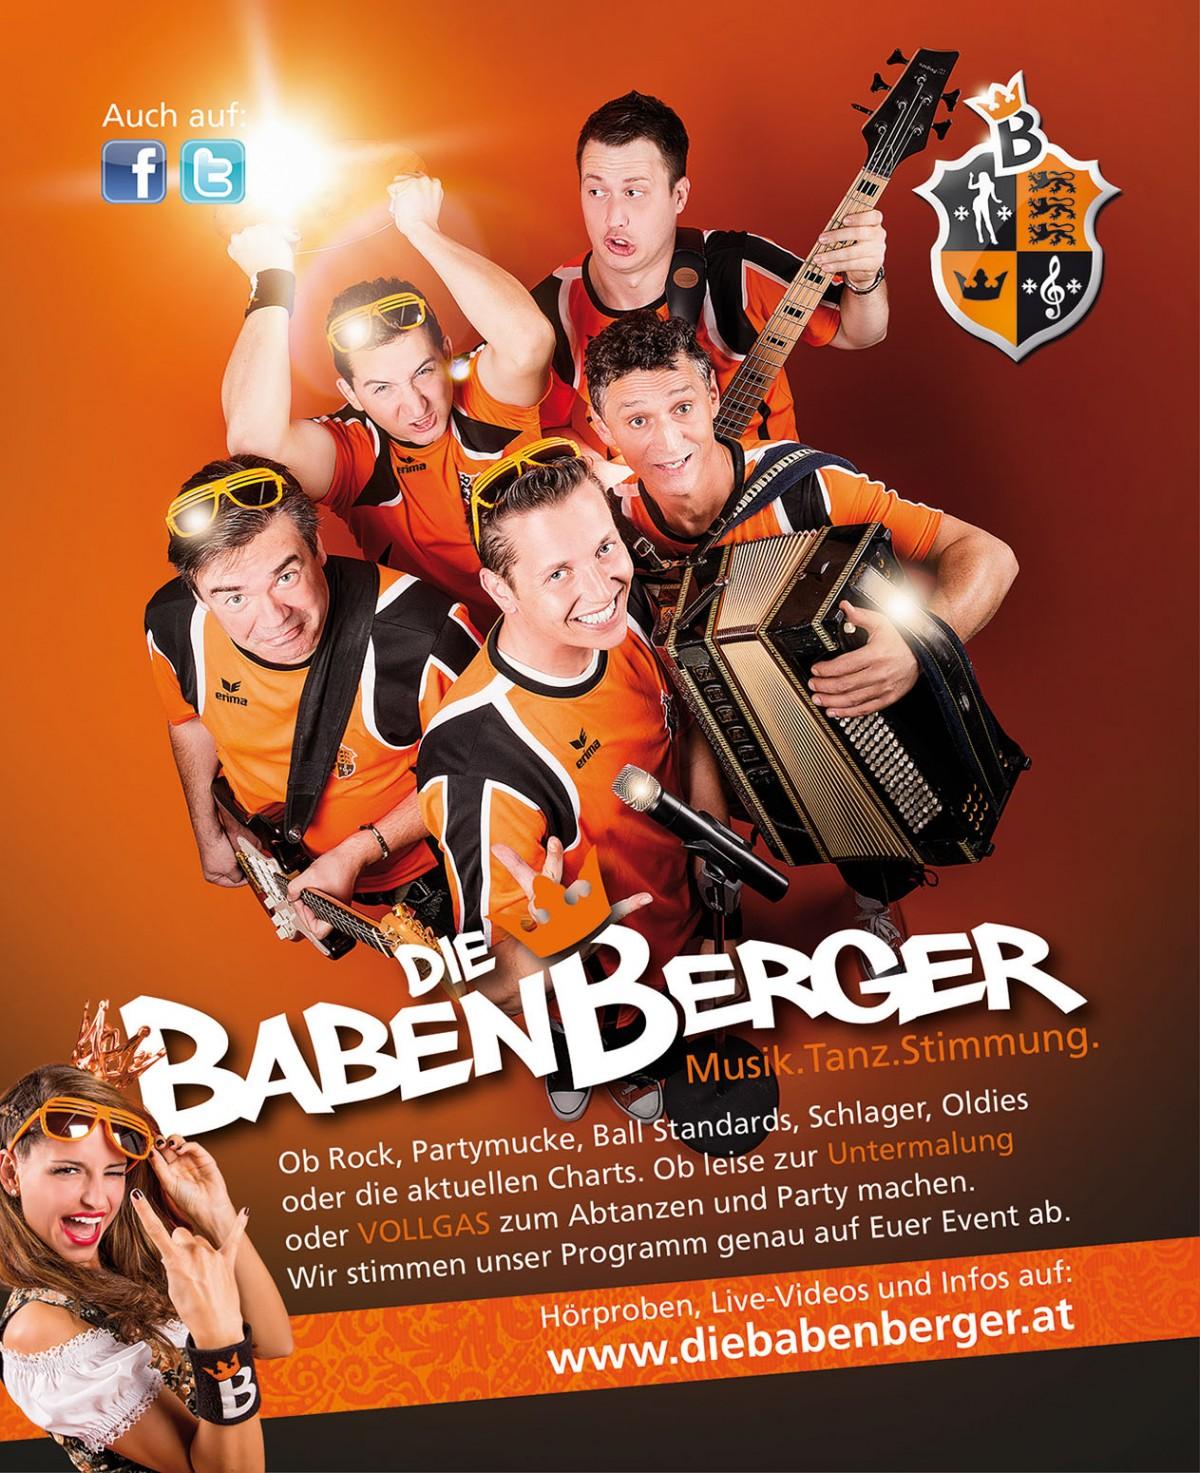 http://www.musikgruppe.at/wp-content/uploads/2015/06/babenberger-kuenstlerkatalog_0-wpcf_1200x1473.jpg